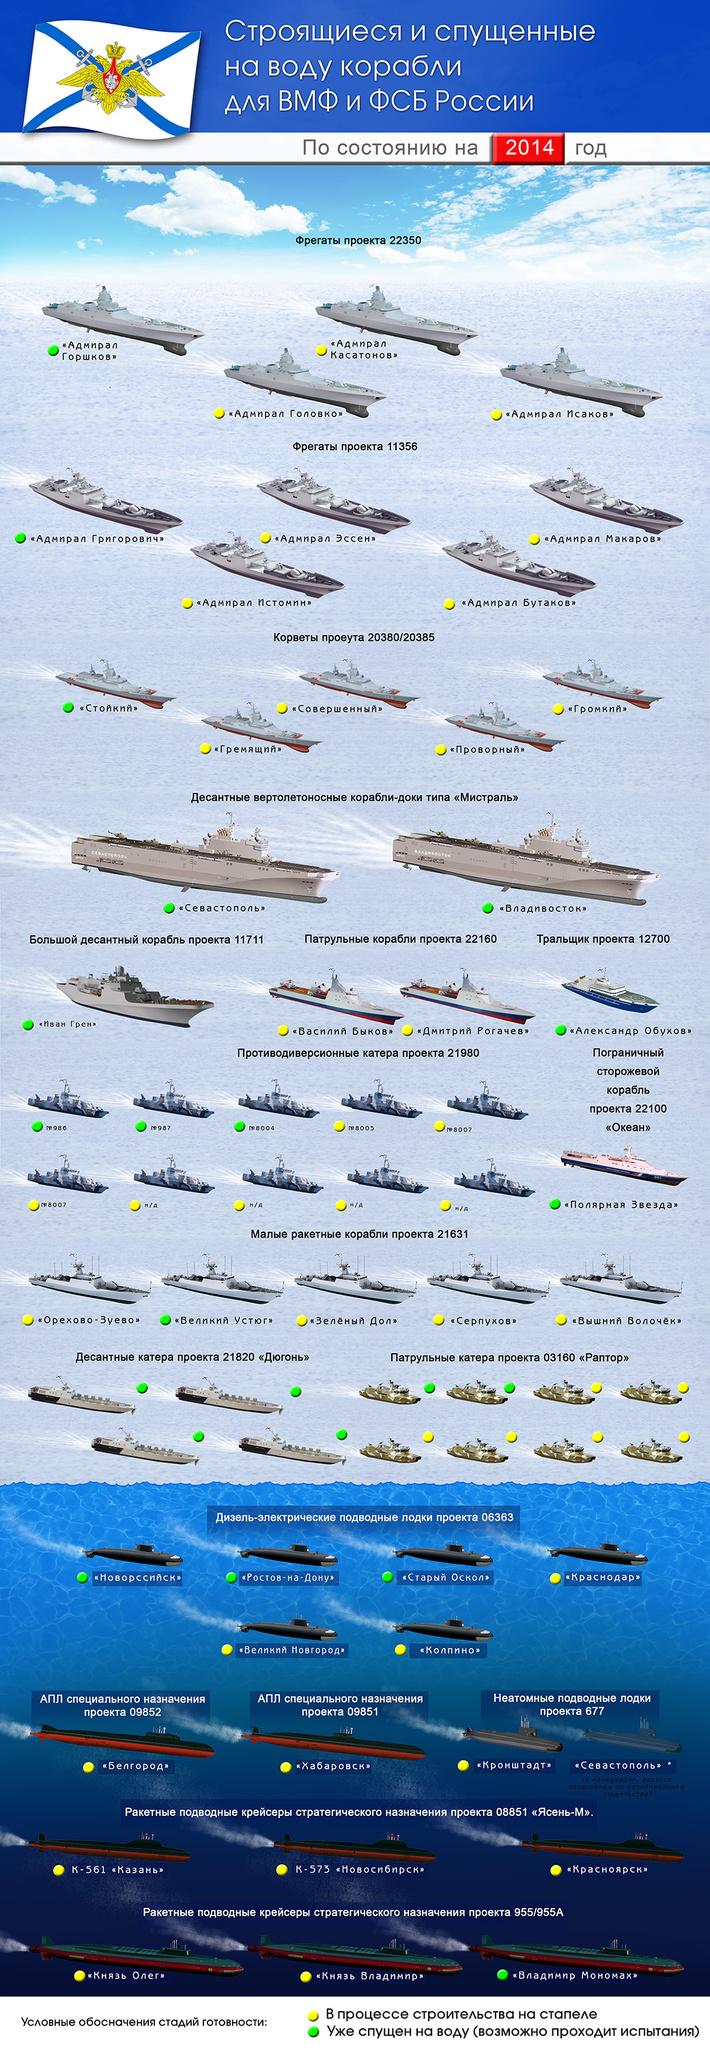 корабли и подводные лодки вмф россии